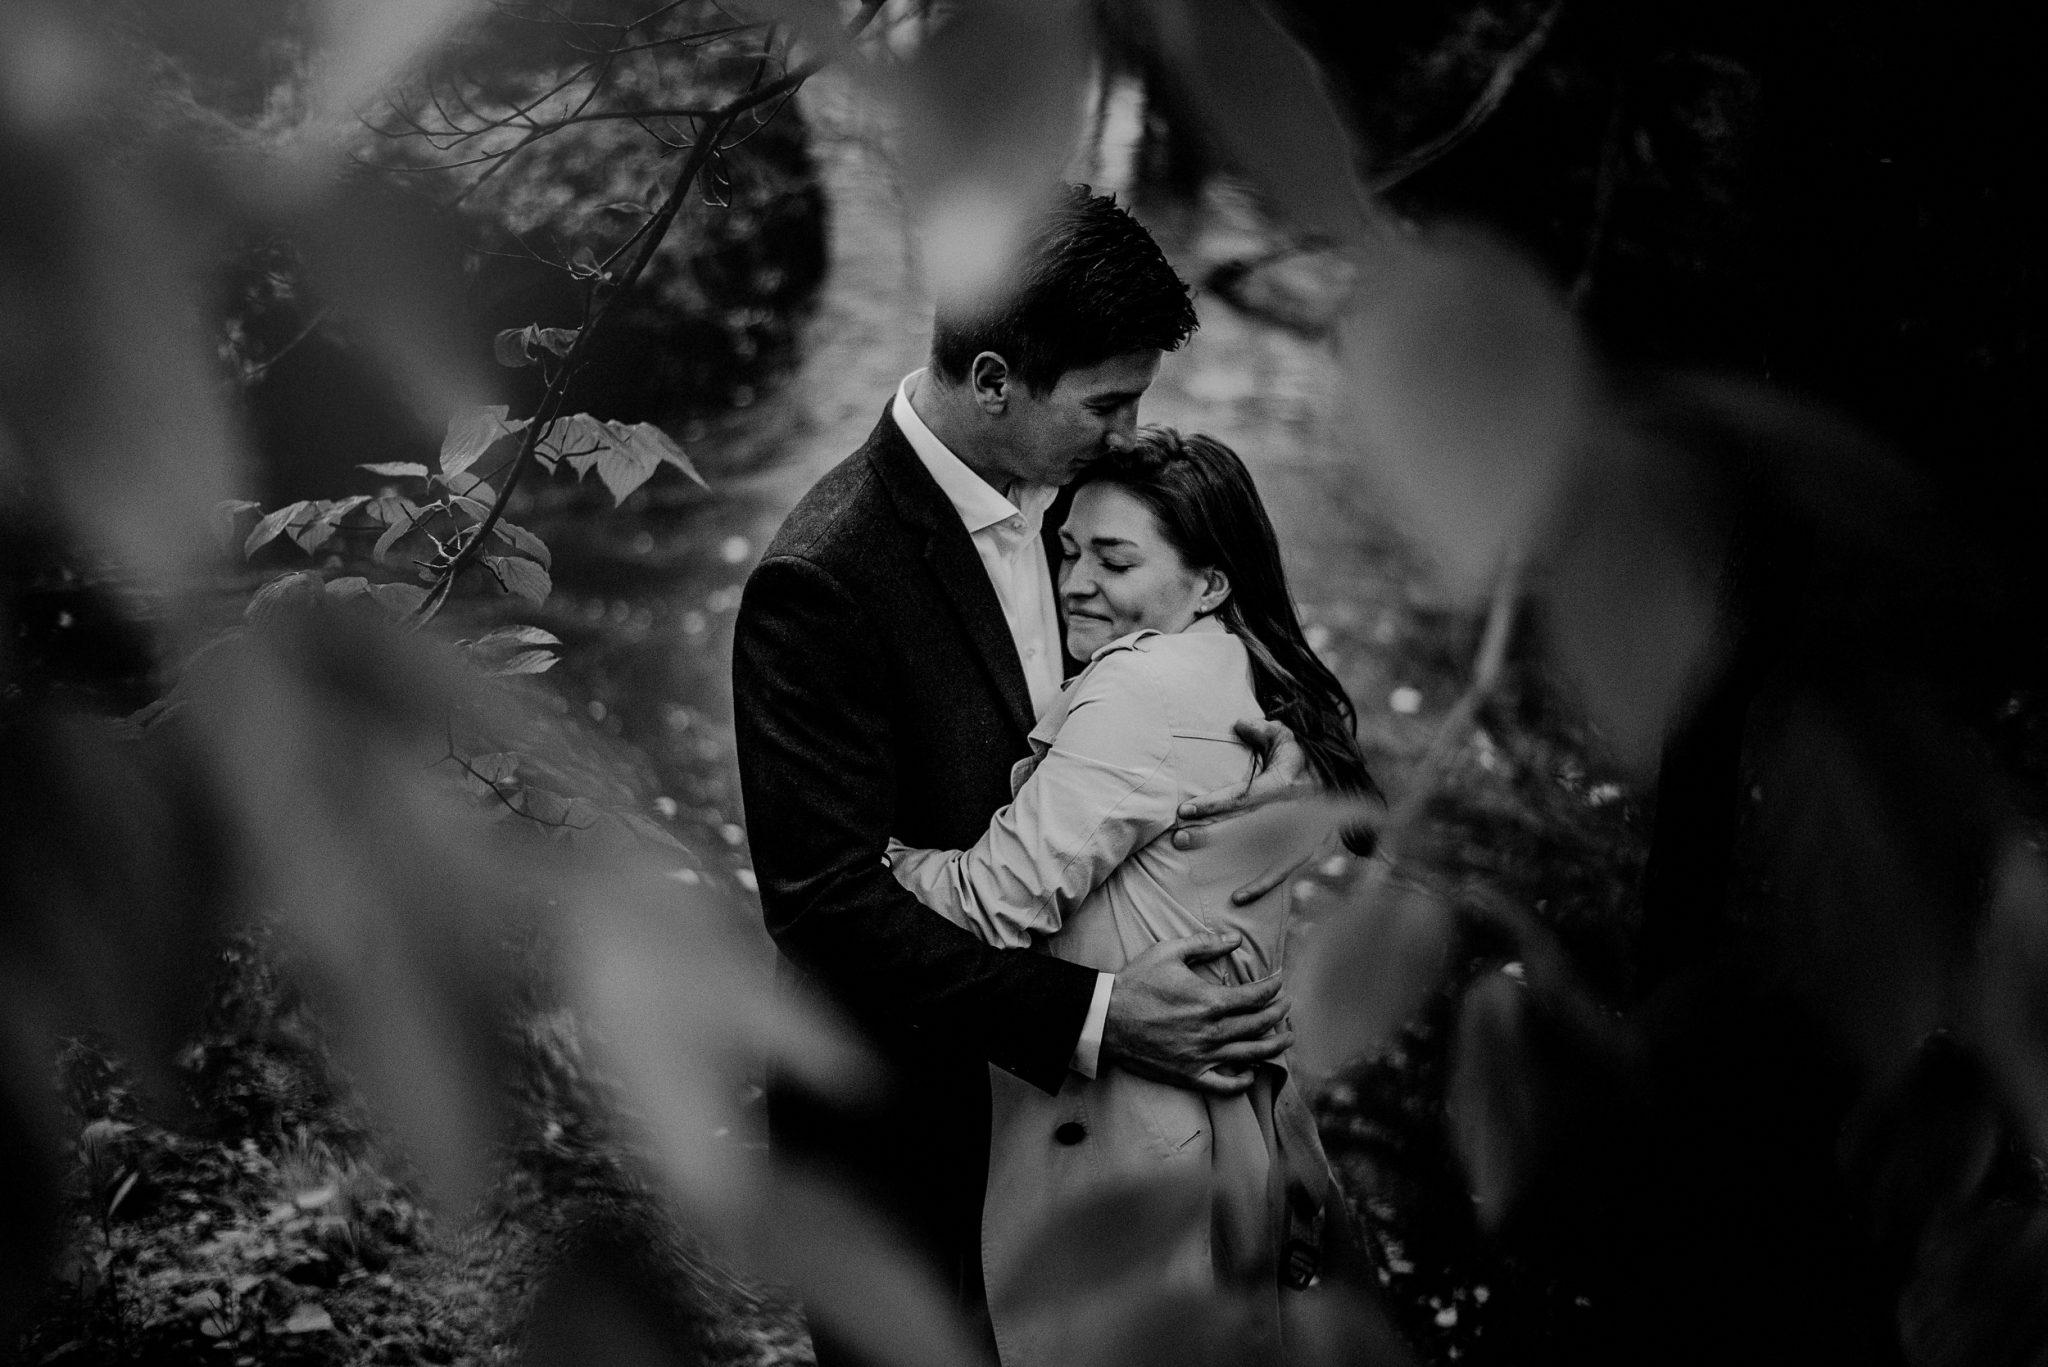 romantic engagement photo of newly engaged couple